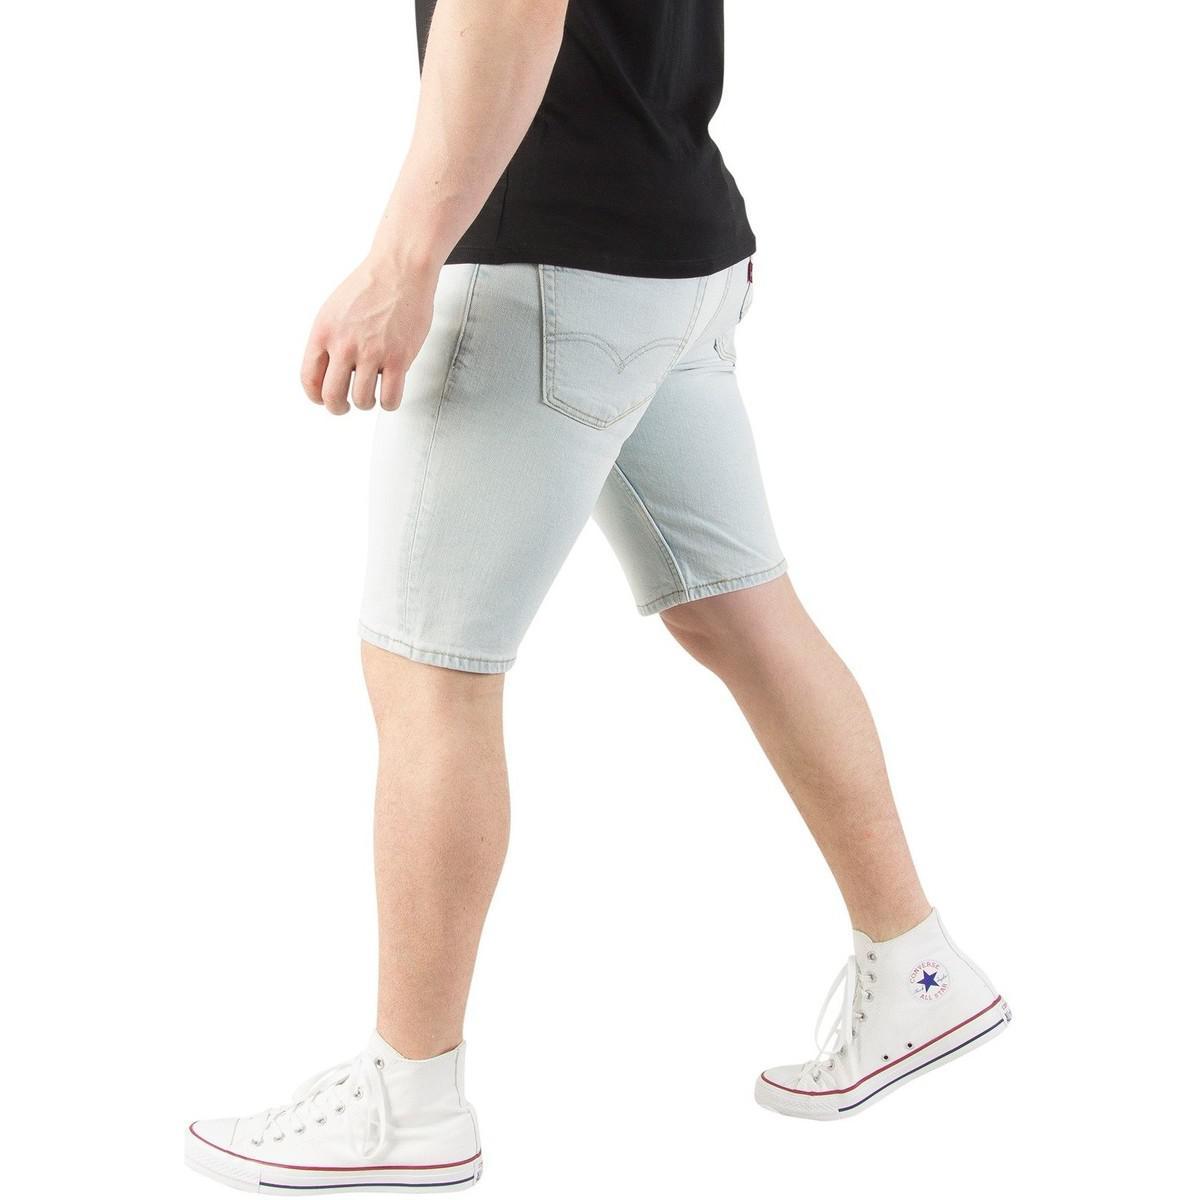 d6fe09d4a2 Levi's Levis Men's 511 Slim Hemmed No Place Like Home Denim Shorts ...